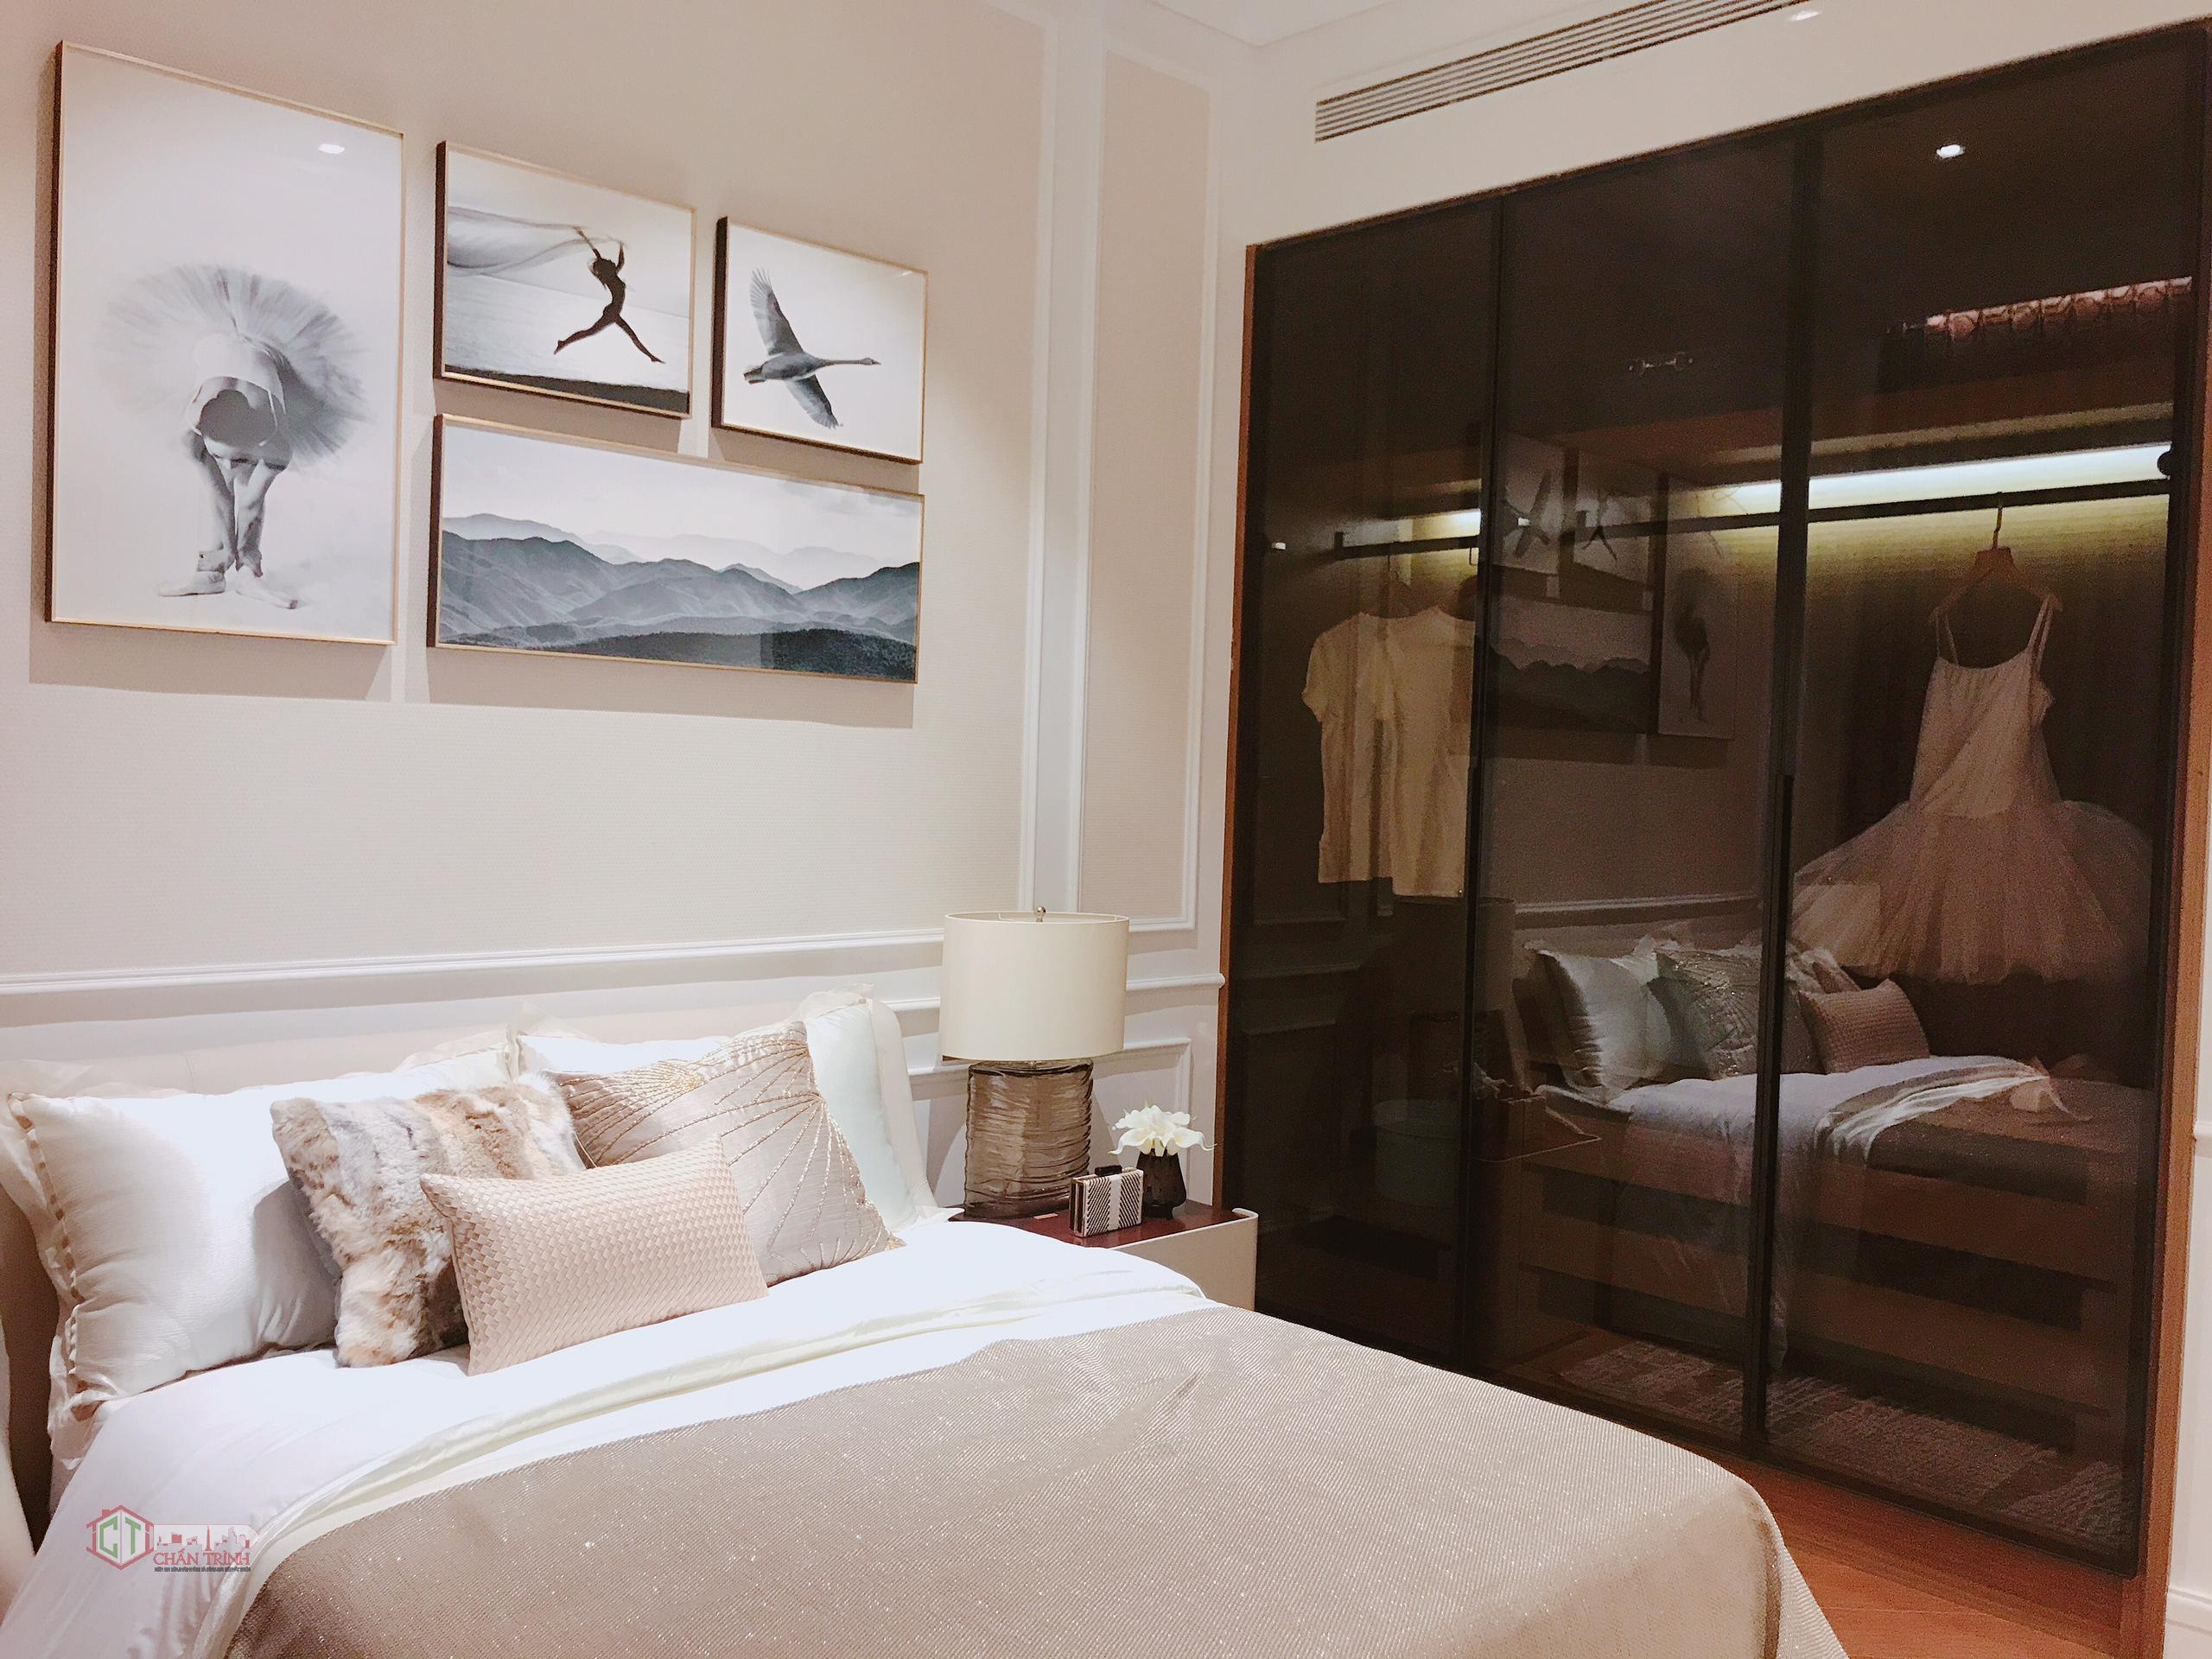 Phòng ngủ căn hộ The Centennial - Nhà mẫu dự án The Centennial